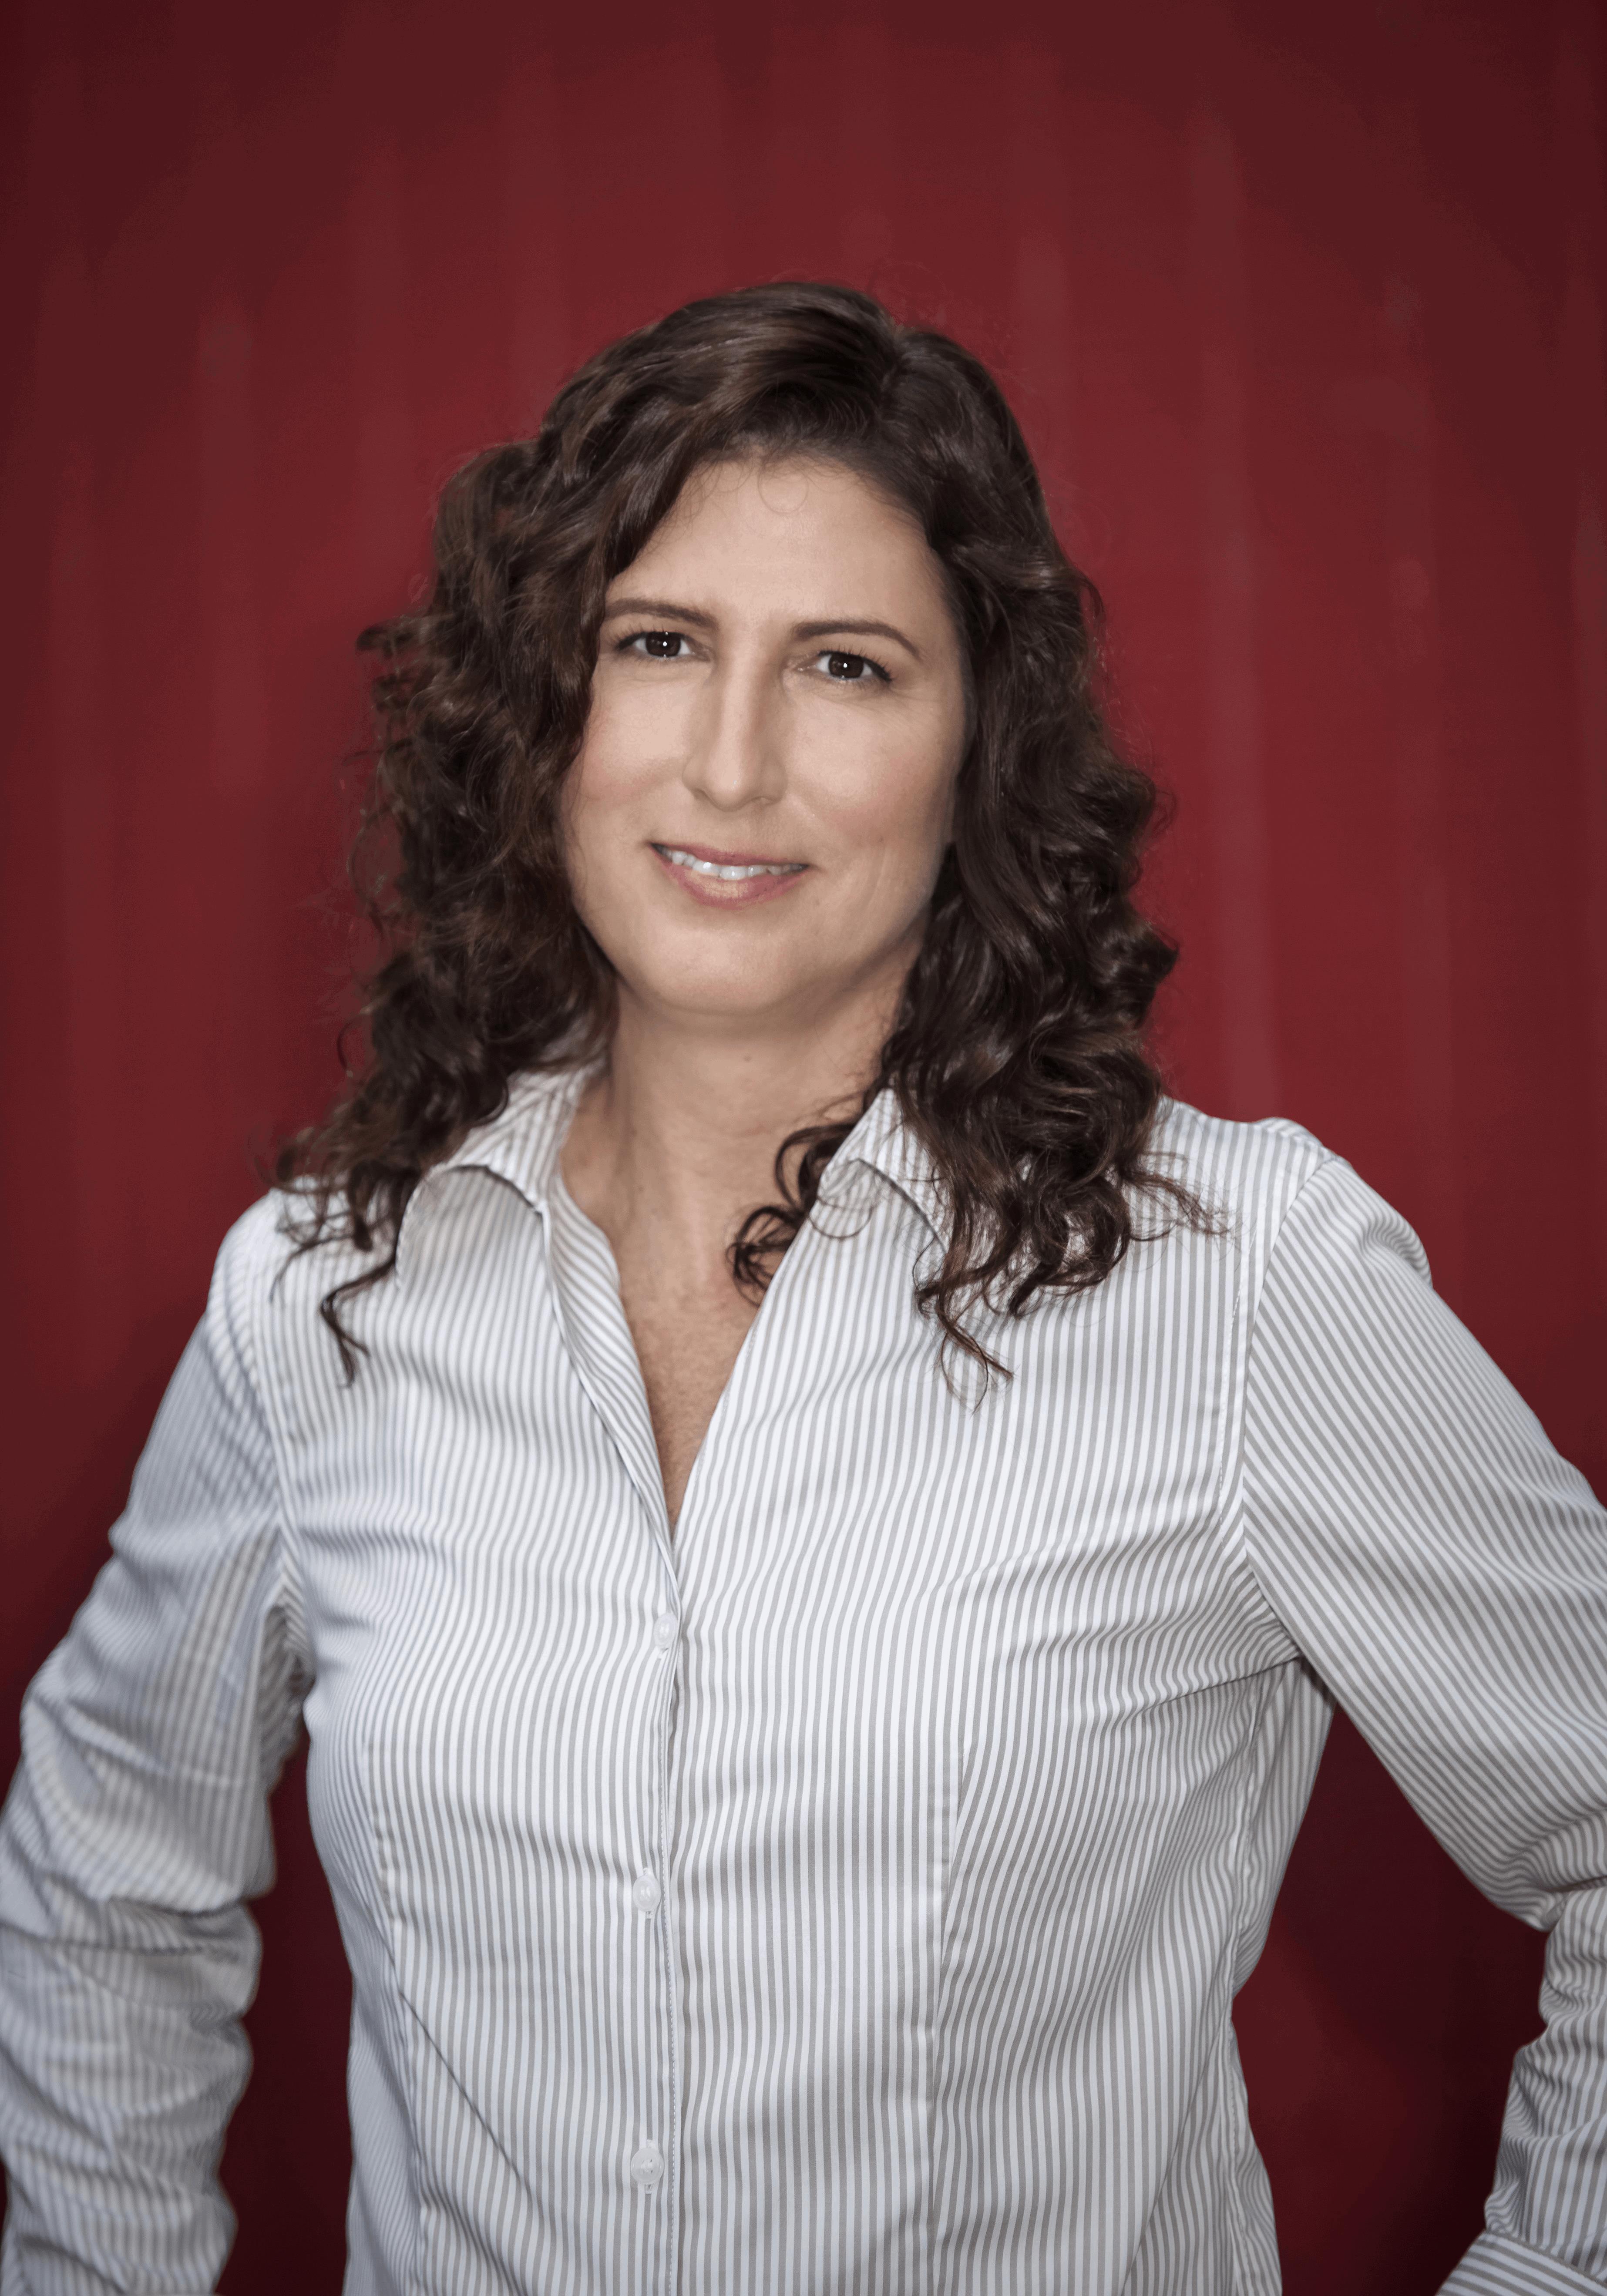 Rayanne Buchianico, ABC Solutions, LLC